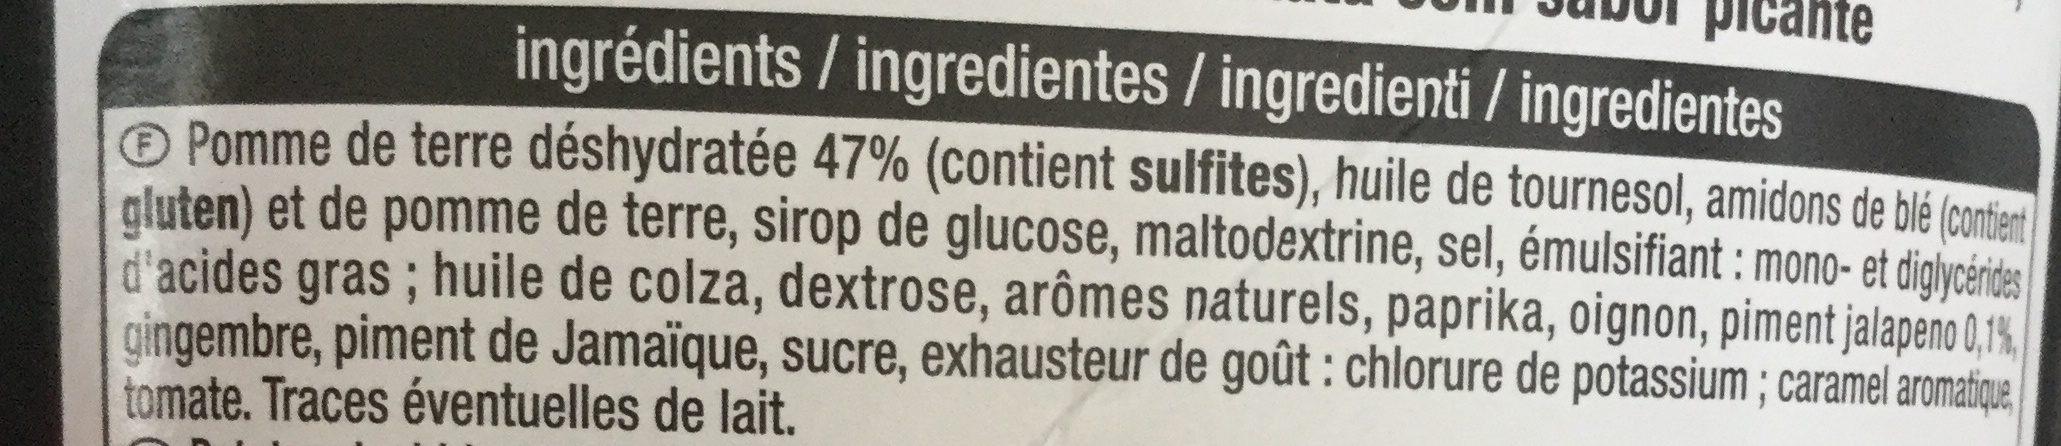 Tuiles saveur Spicy - Ingrédients